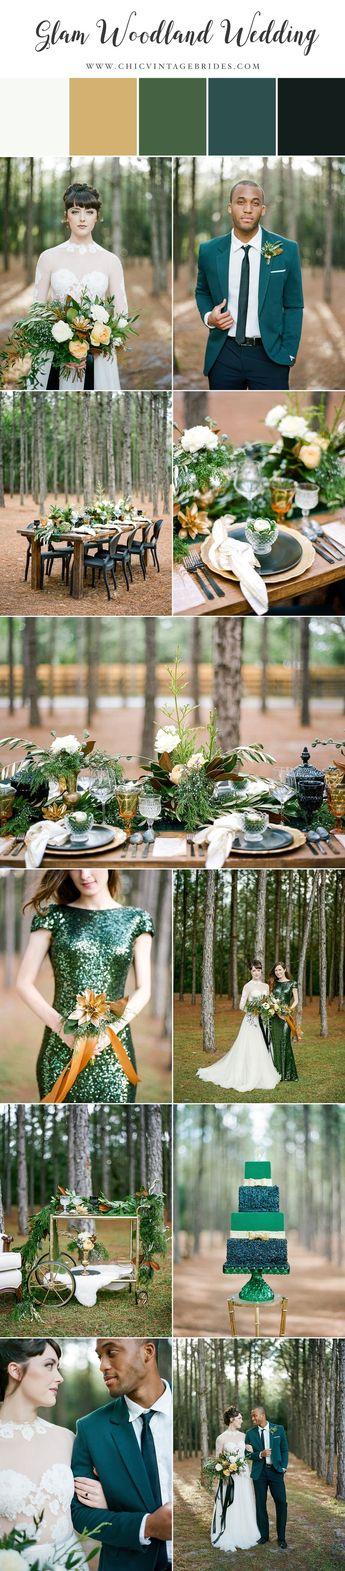 Glamorous Green & Gold Woodland Wedding Inspiration